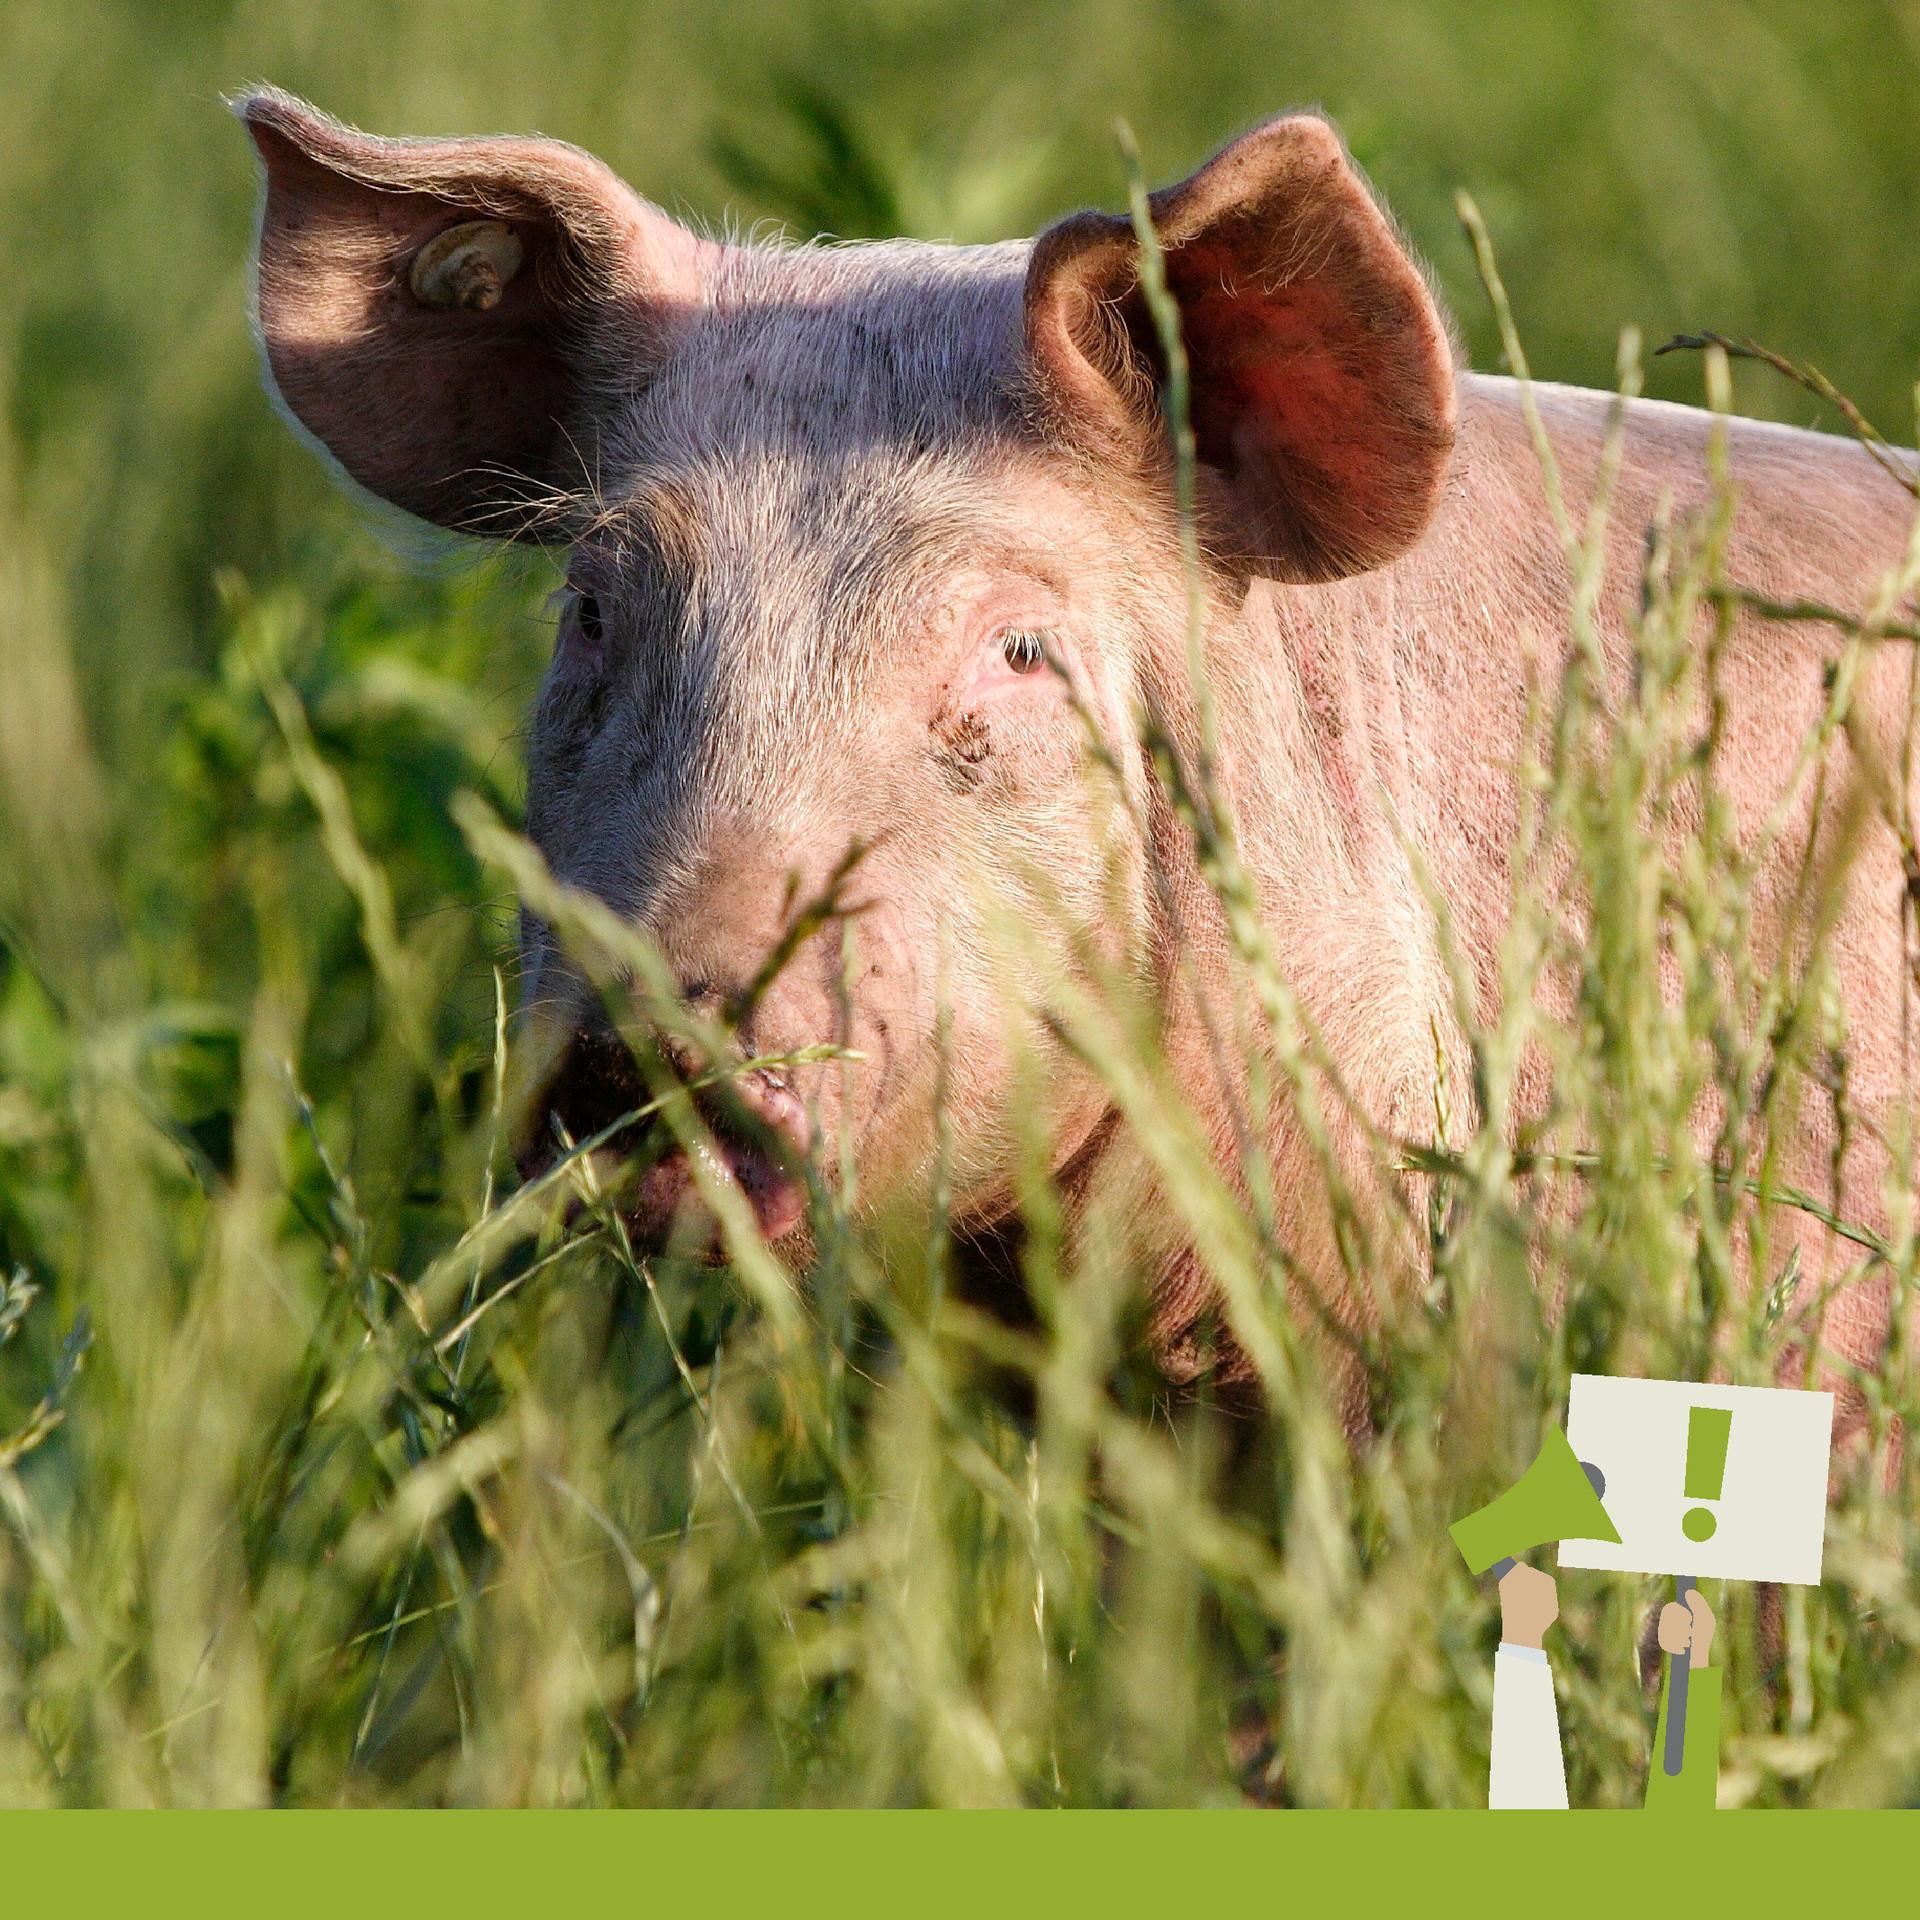 Schönere Neue Welt - Am Bild sieht man ein Schwein in Freilandhaltung